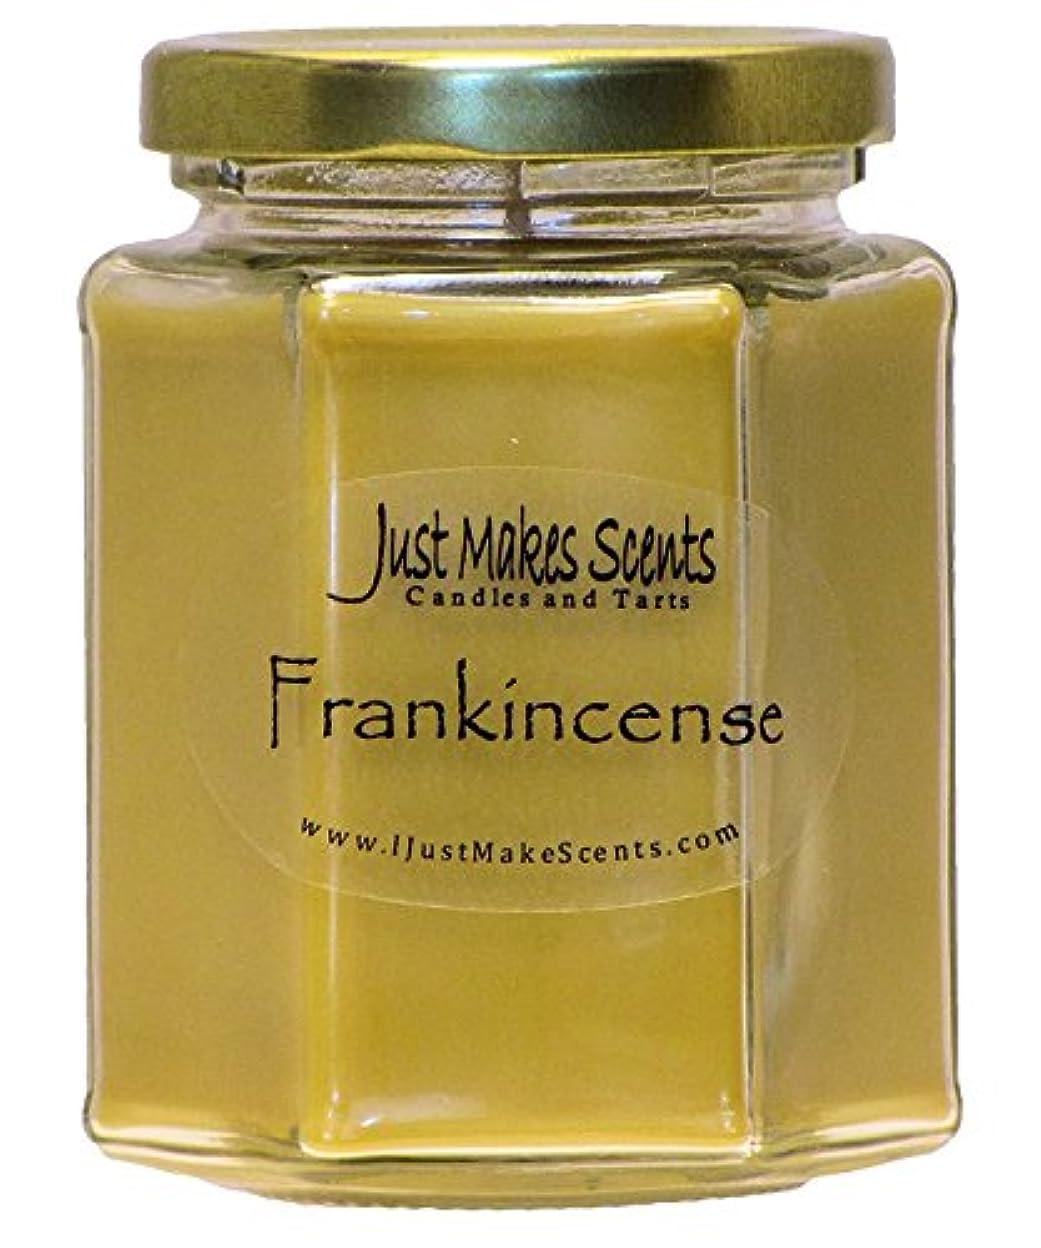 恐れ知的シンプトンFrankincense香りつきBlended Soy Candle by Just Makes Scents